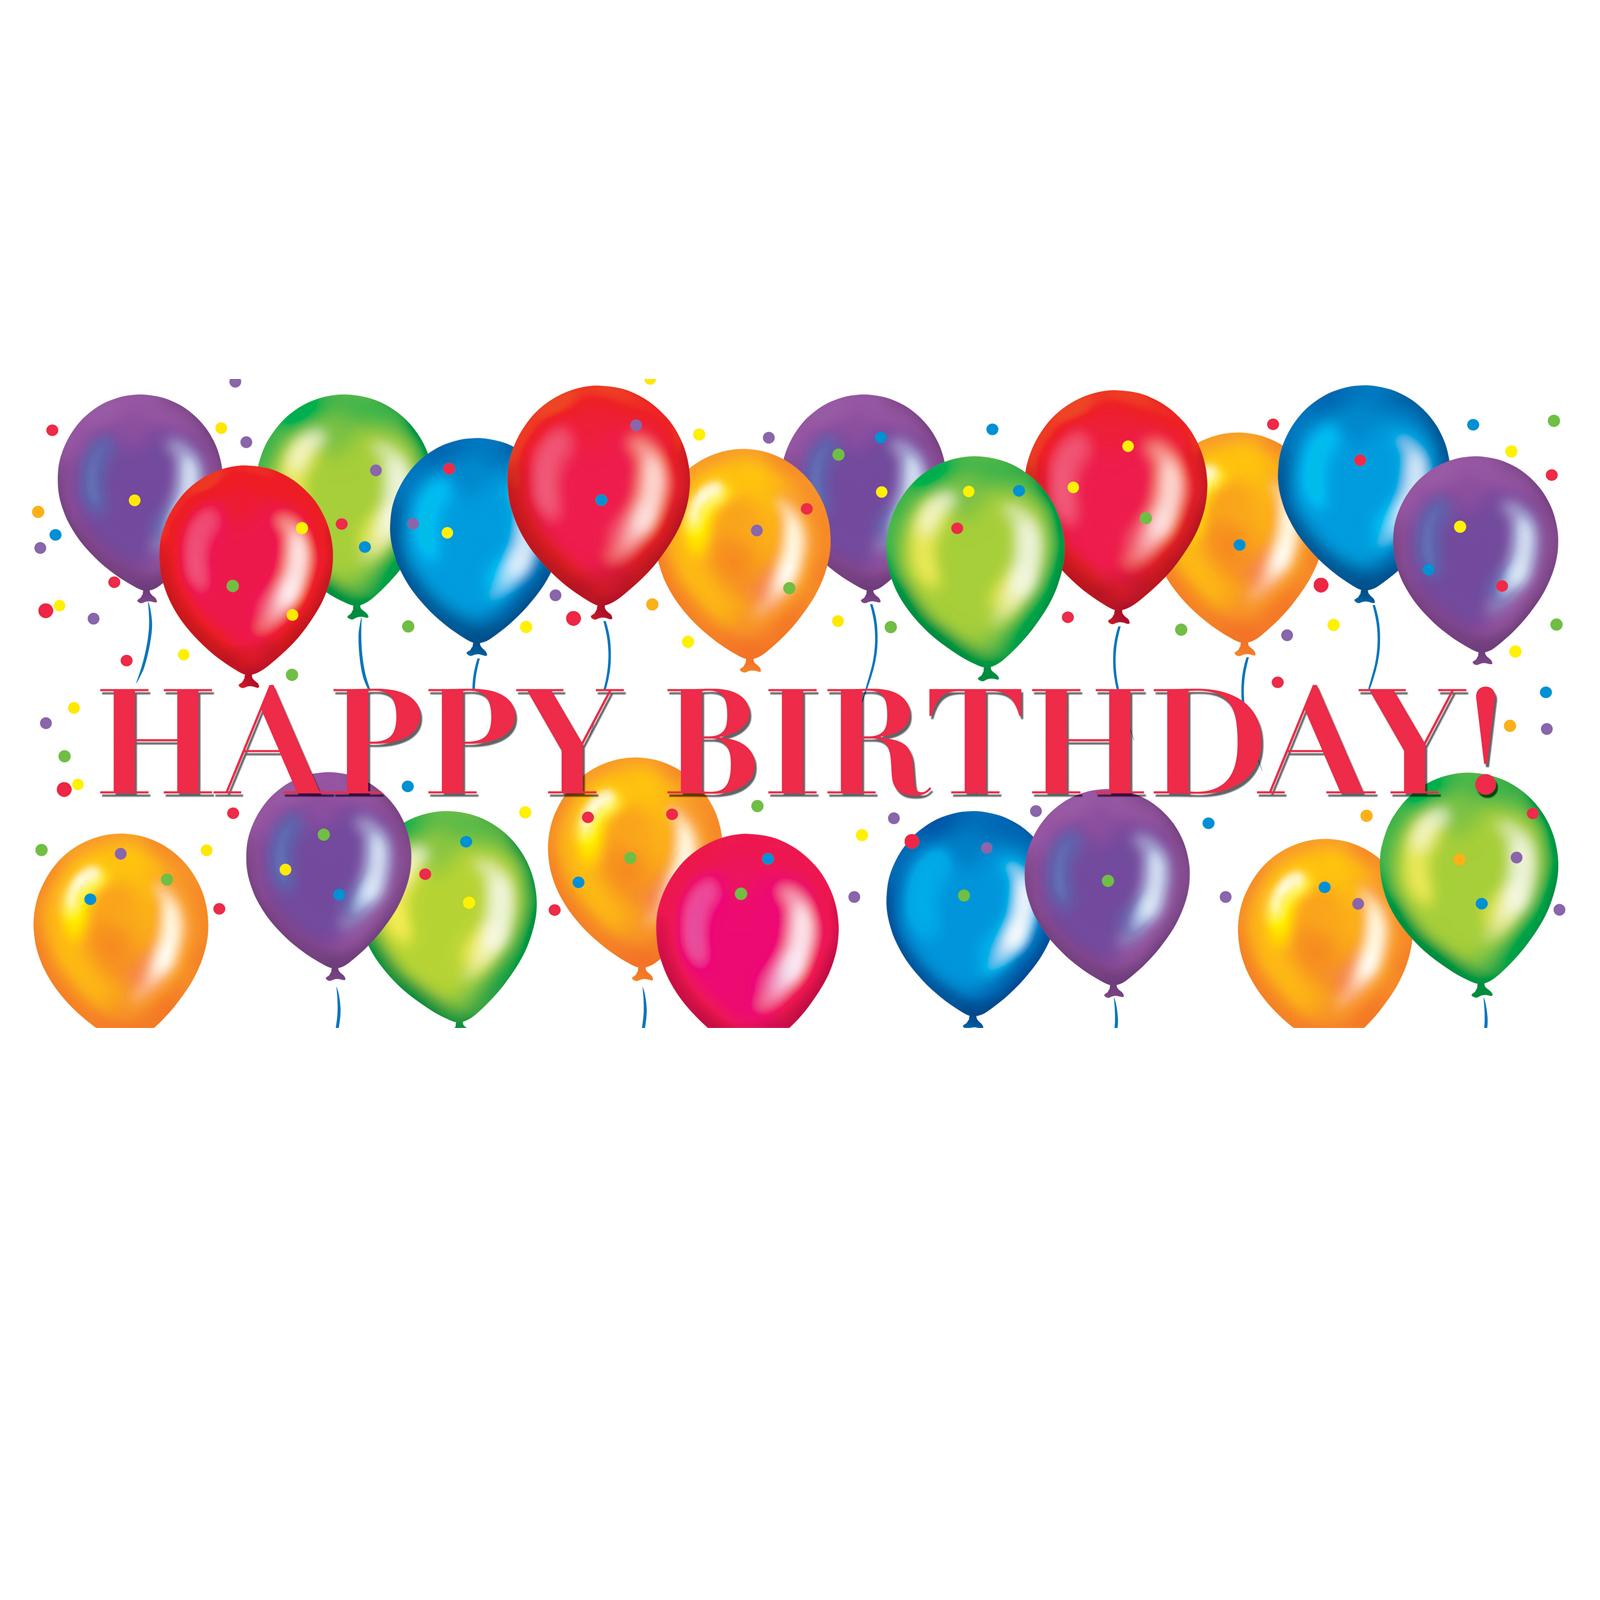 Happy Birthday Clipart Free - ClipartFes-Happy birthday clipart free - ClipartFest-7